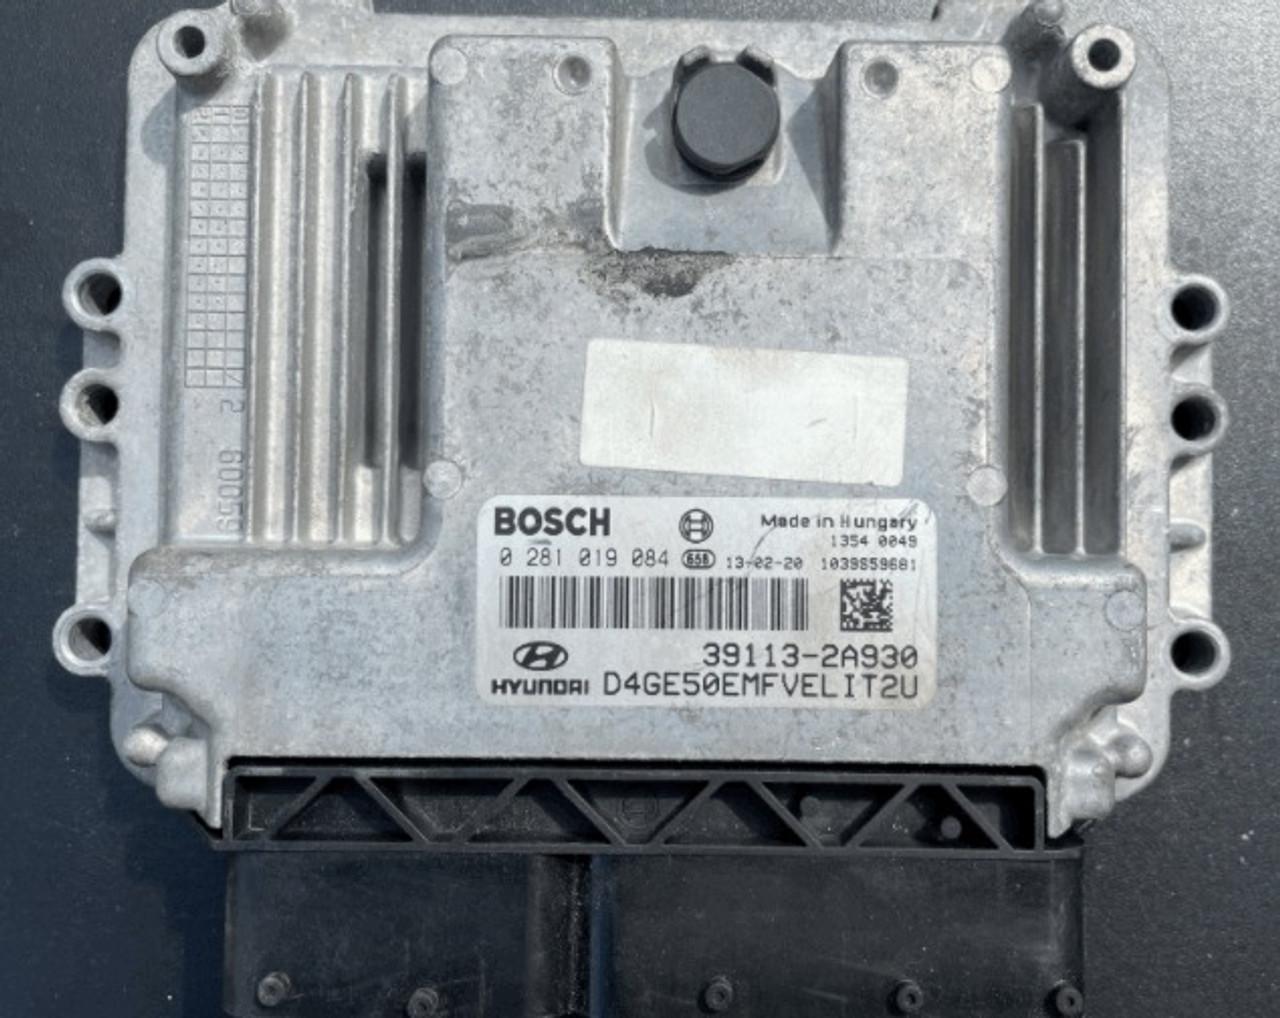 Plug & Play Bosch Engine ECU, Hyundai i30 1.6 CRDi, 0281019084, 0 281 019 084, 39113-2A930, 1039S54282,1039S59681